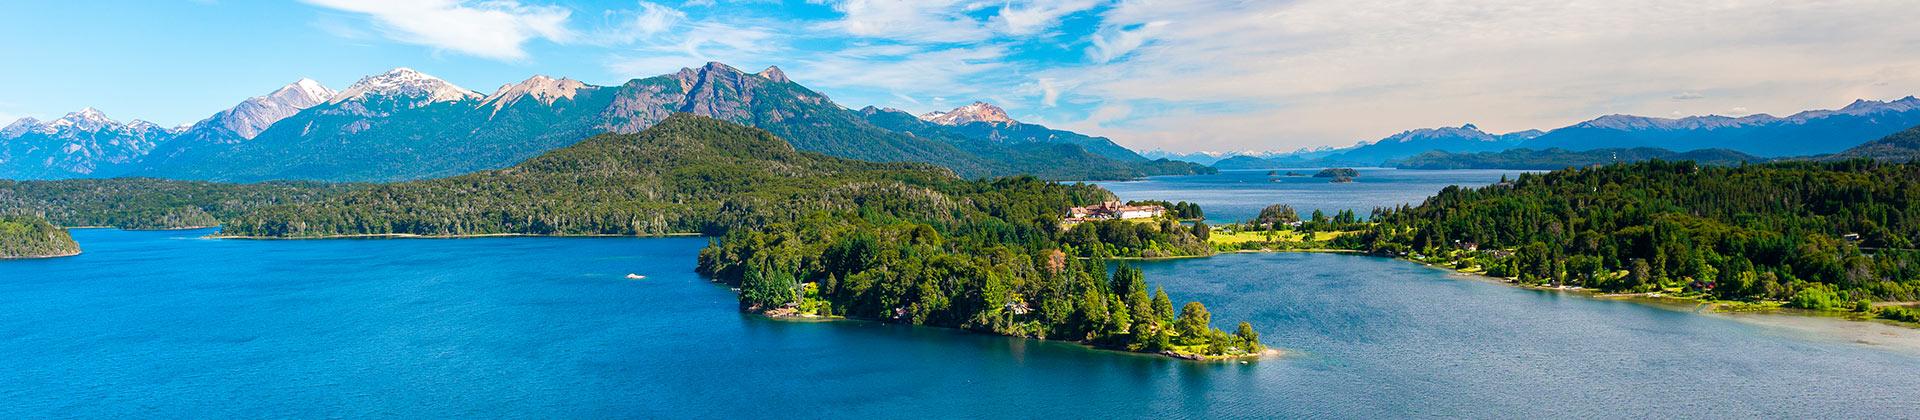 Patagonië beste reistijd